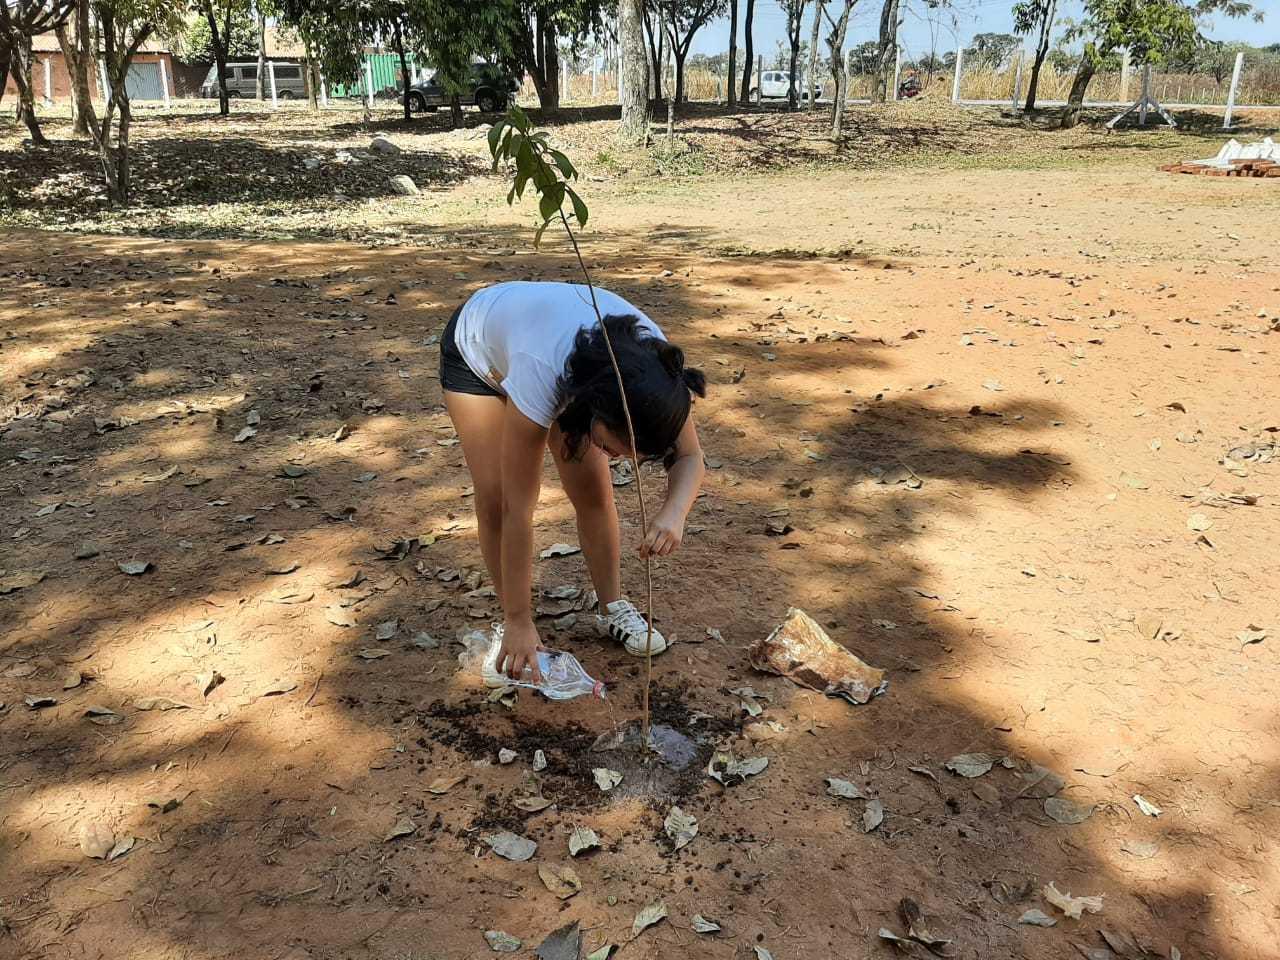 Chris Souza planta uma muda da árvore Oiti no Parque Taquaral, noroeste de Goiânia